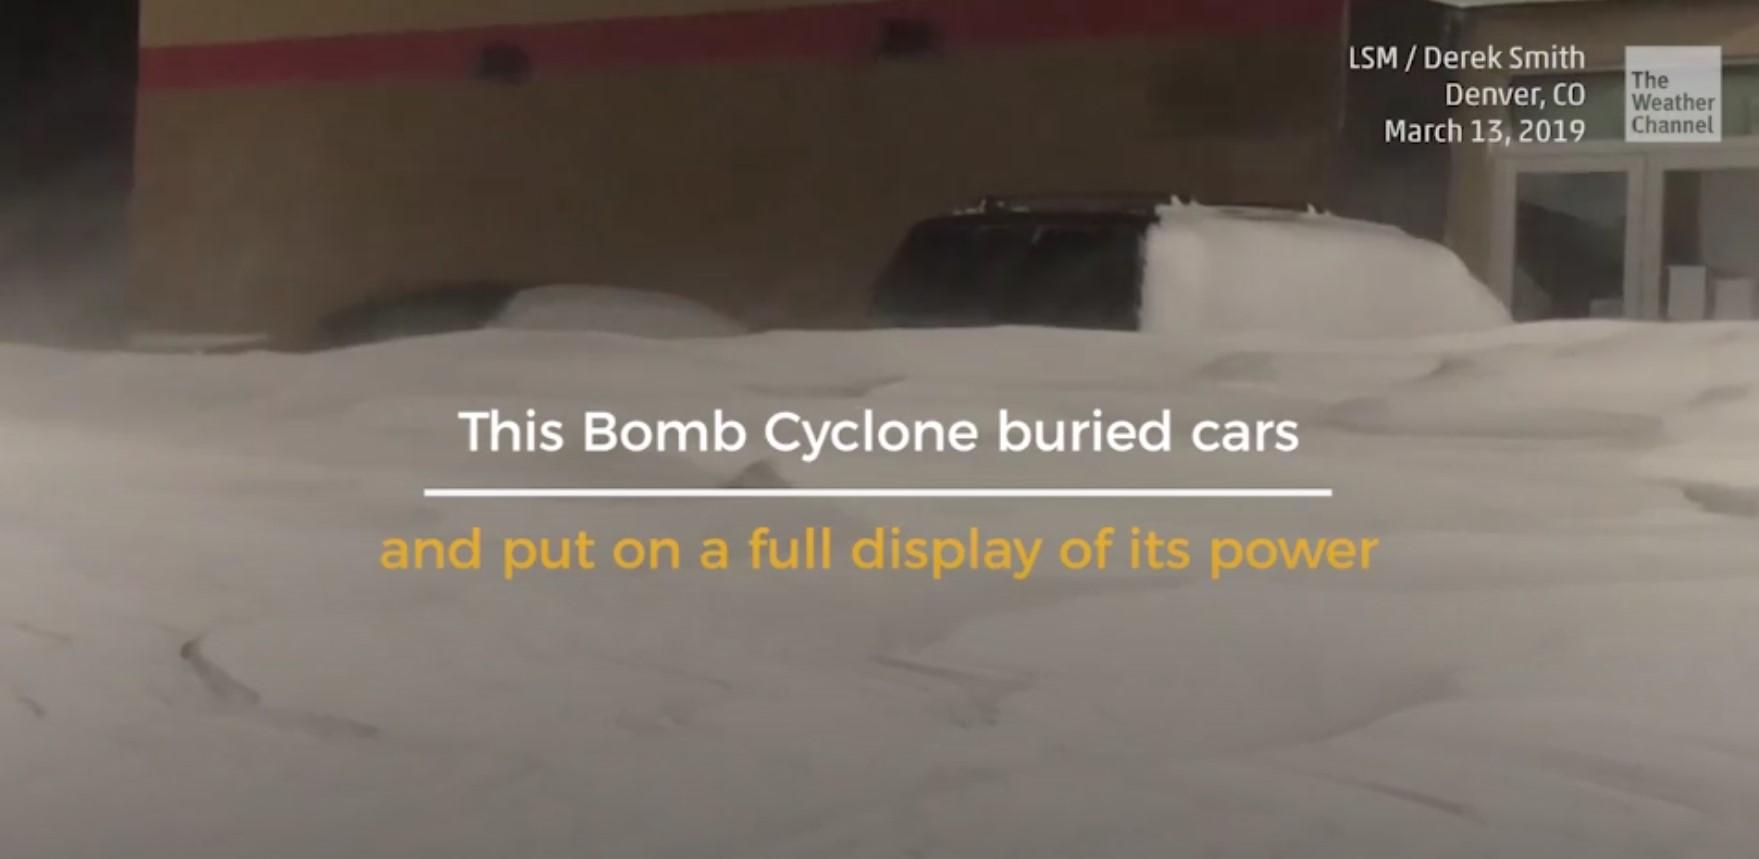 Bomb Cyclone buried cars